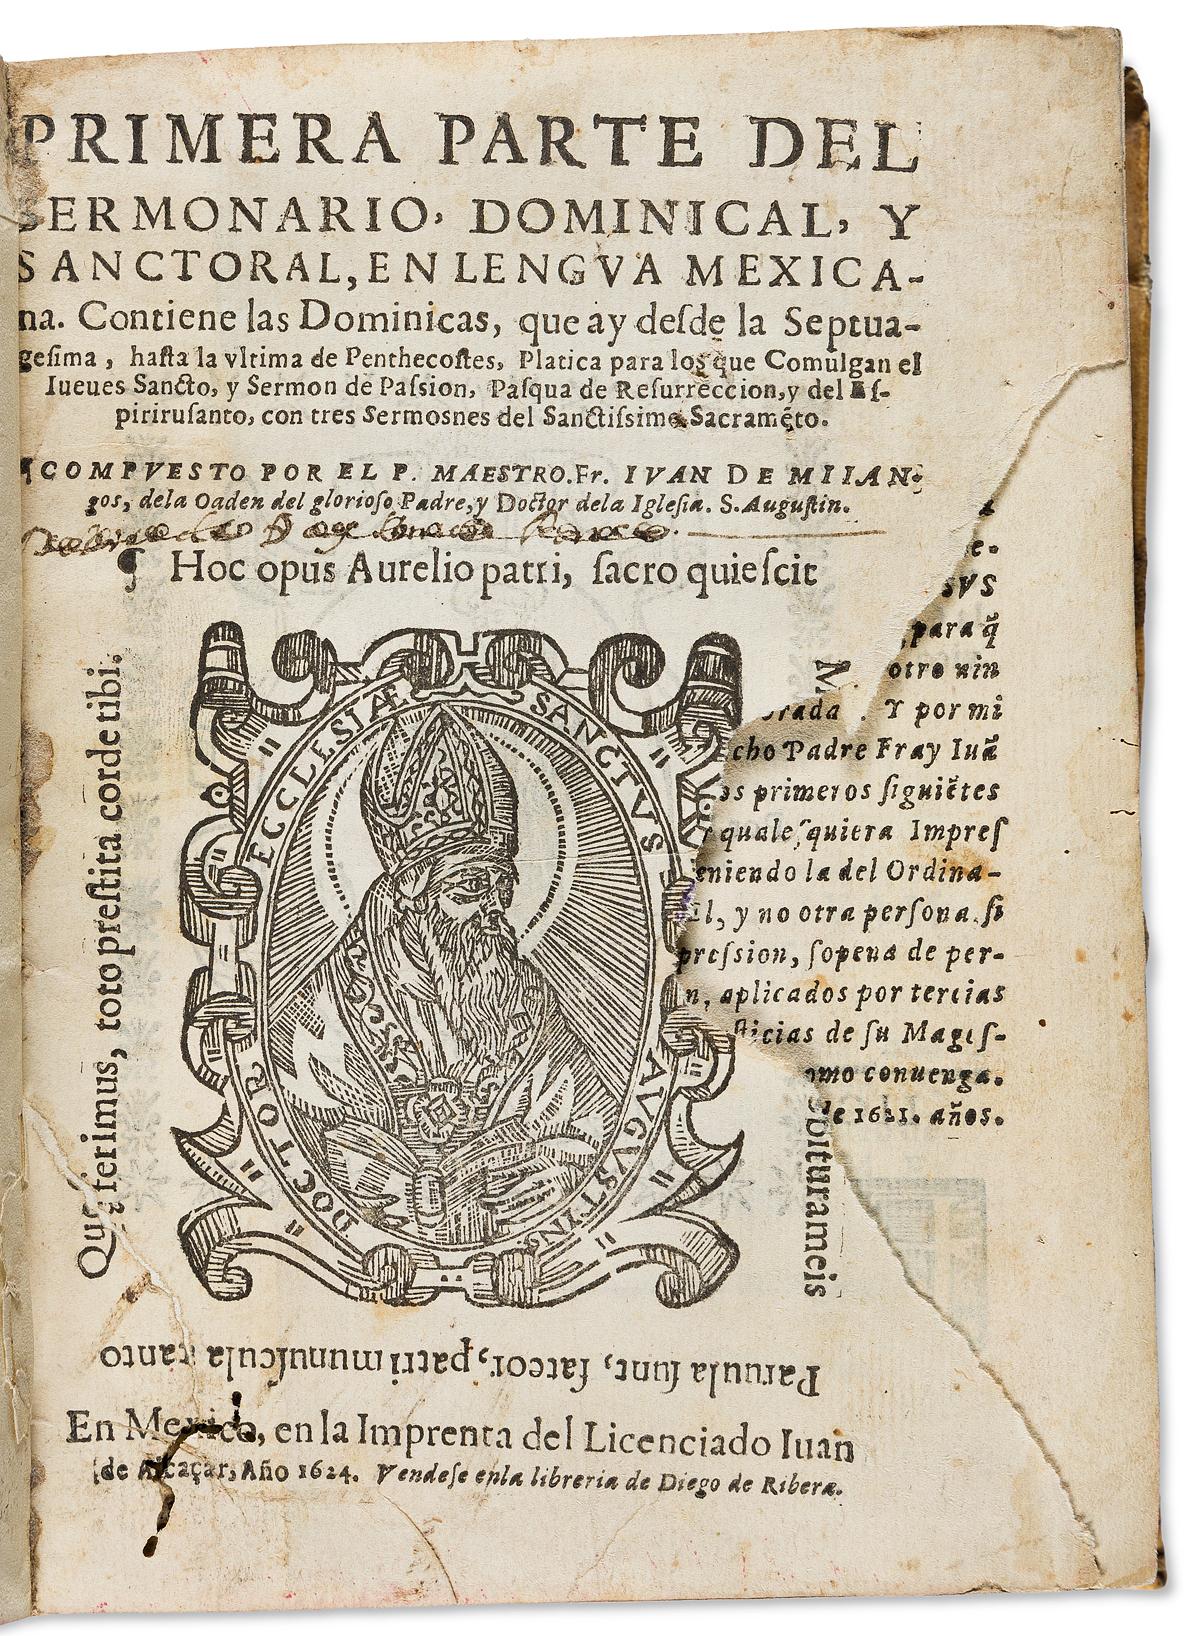 (MEXICAN IMPRINT--1624.) Juan de Mijangos. Primera parte del sermonario, dominical, y sanctoral en lengua mexicana.